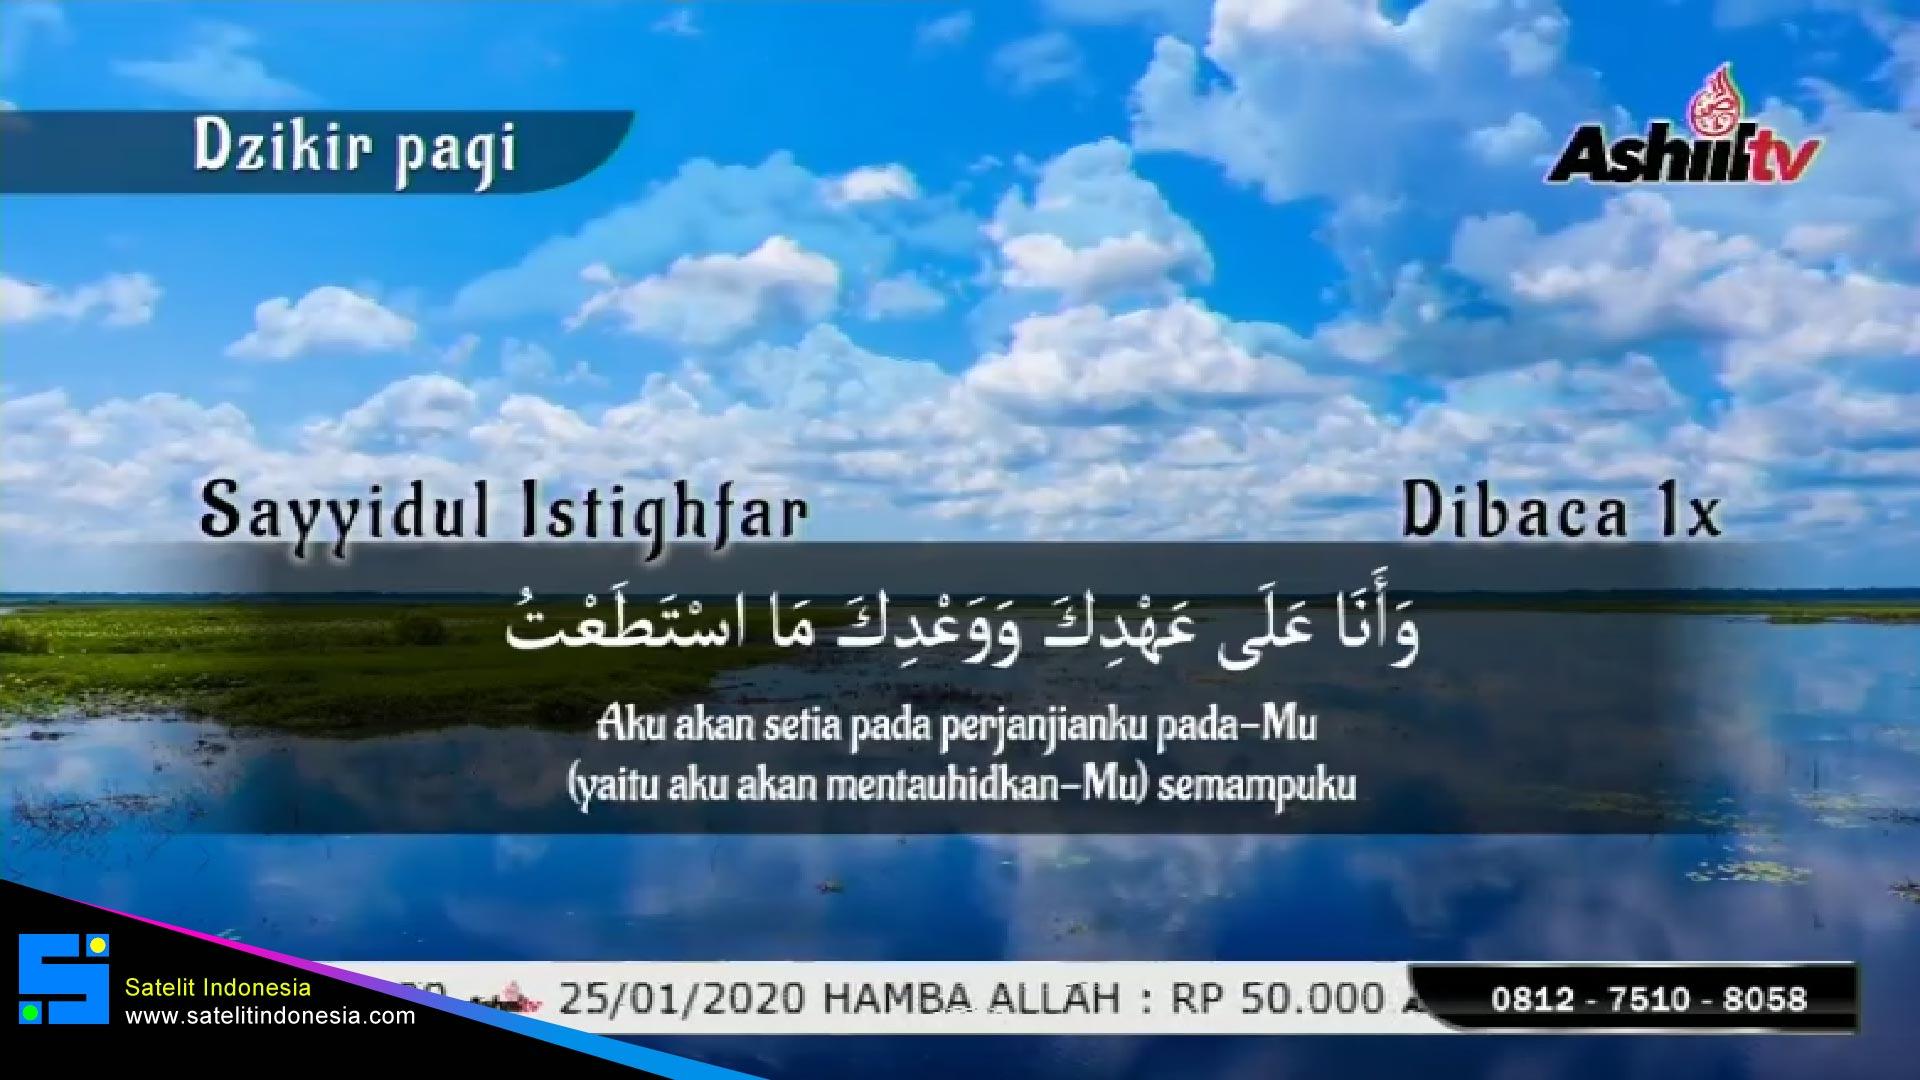 Frekuensi siaran Ashiil TV di satelit Telkom 4 Terbaru